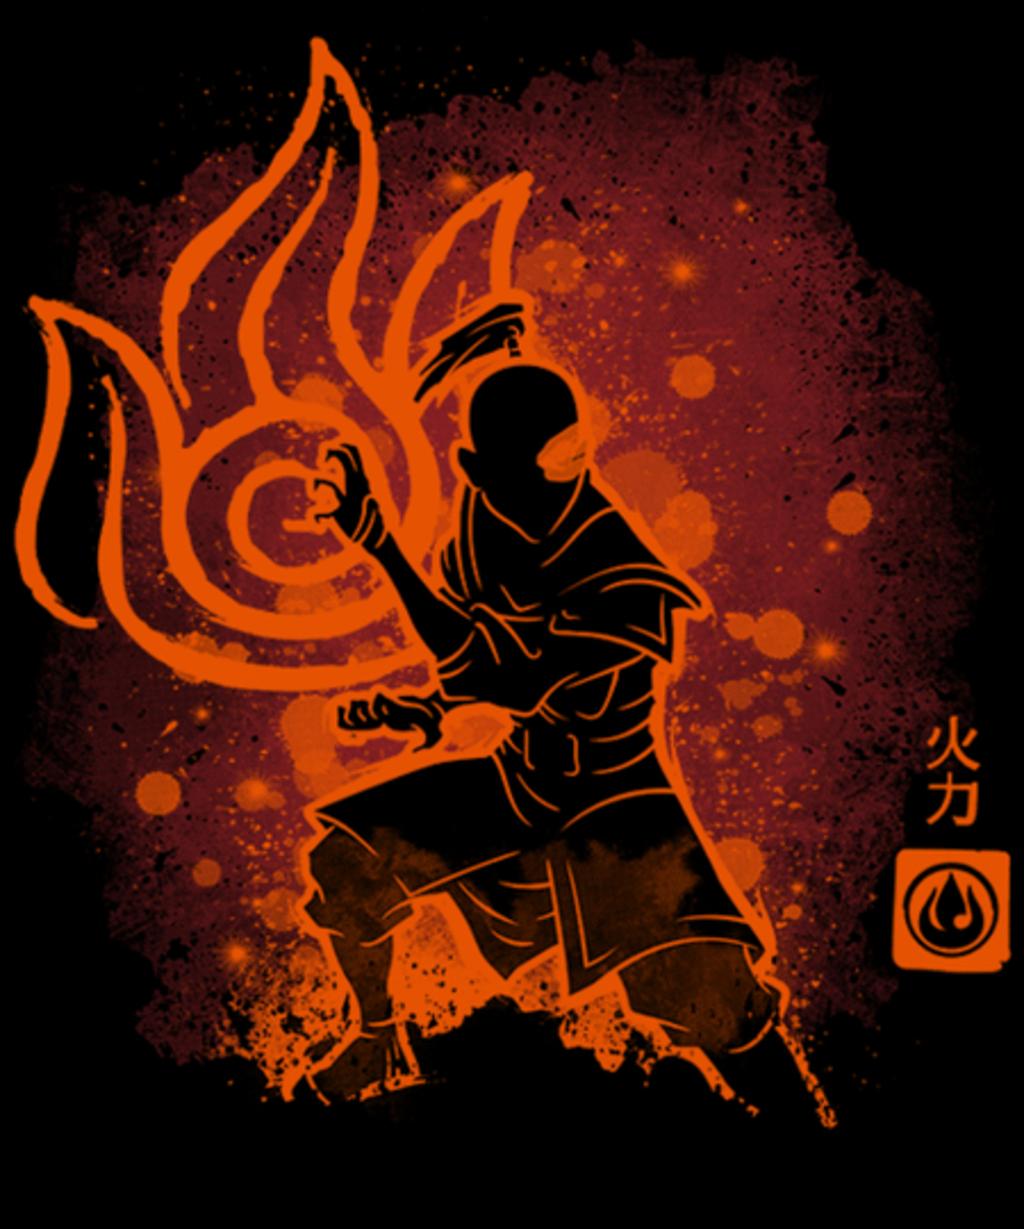 Qwertee: The Fire Power